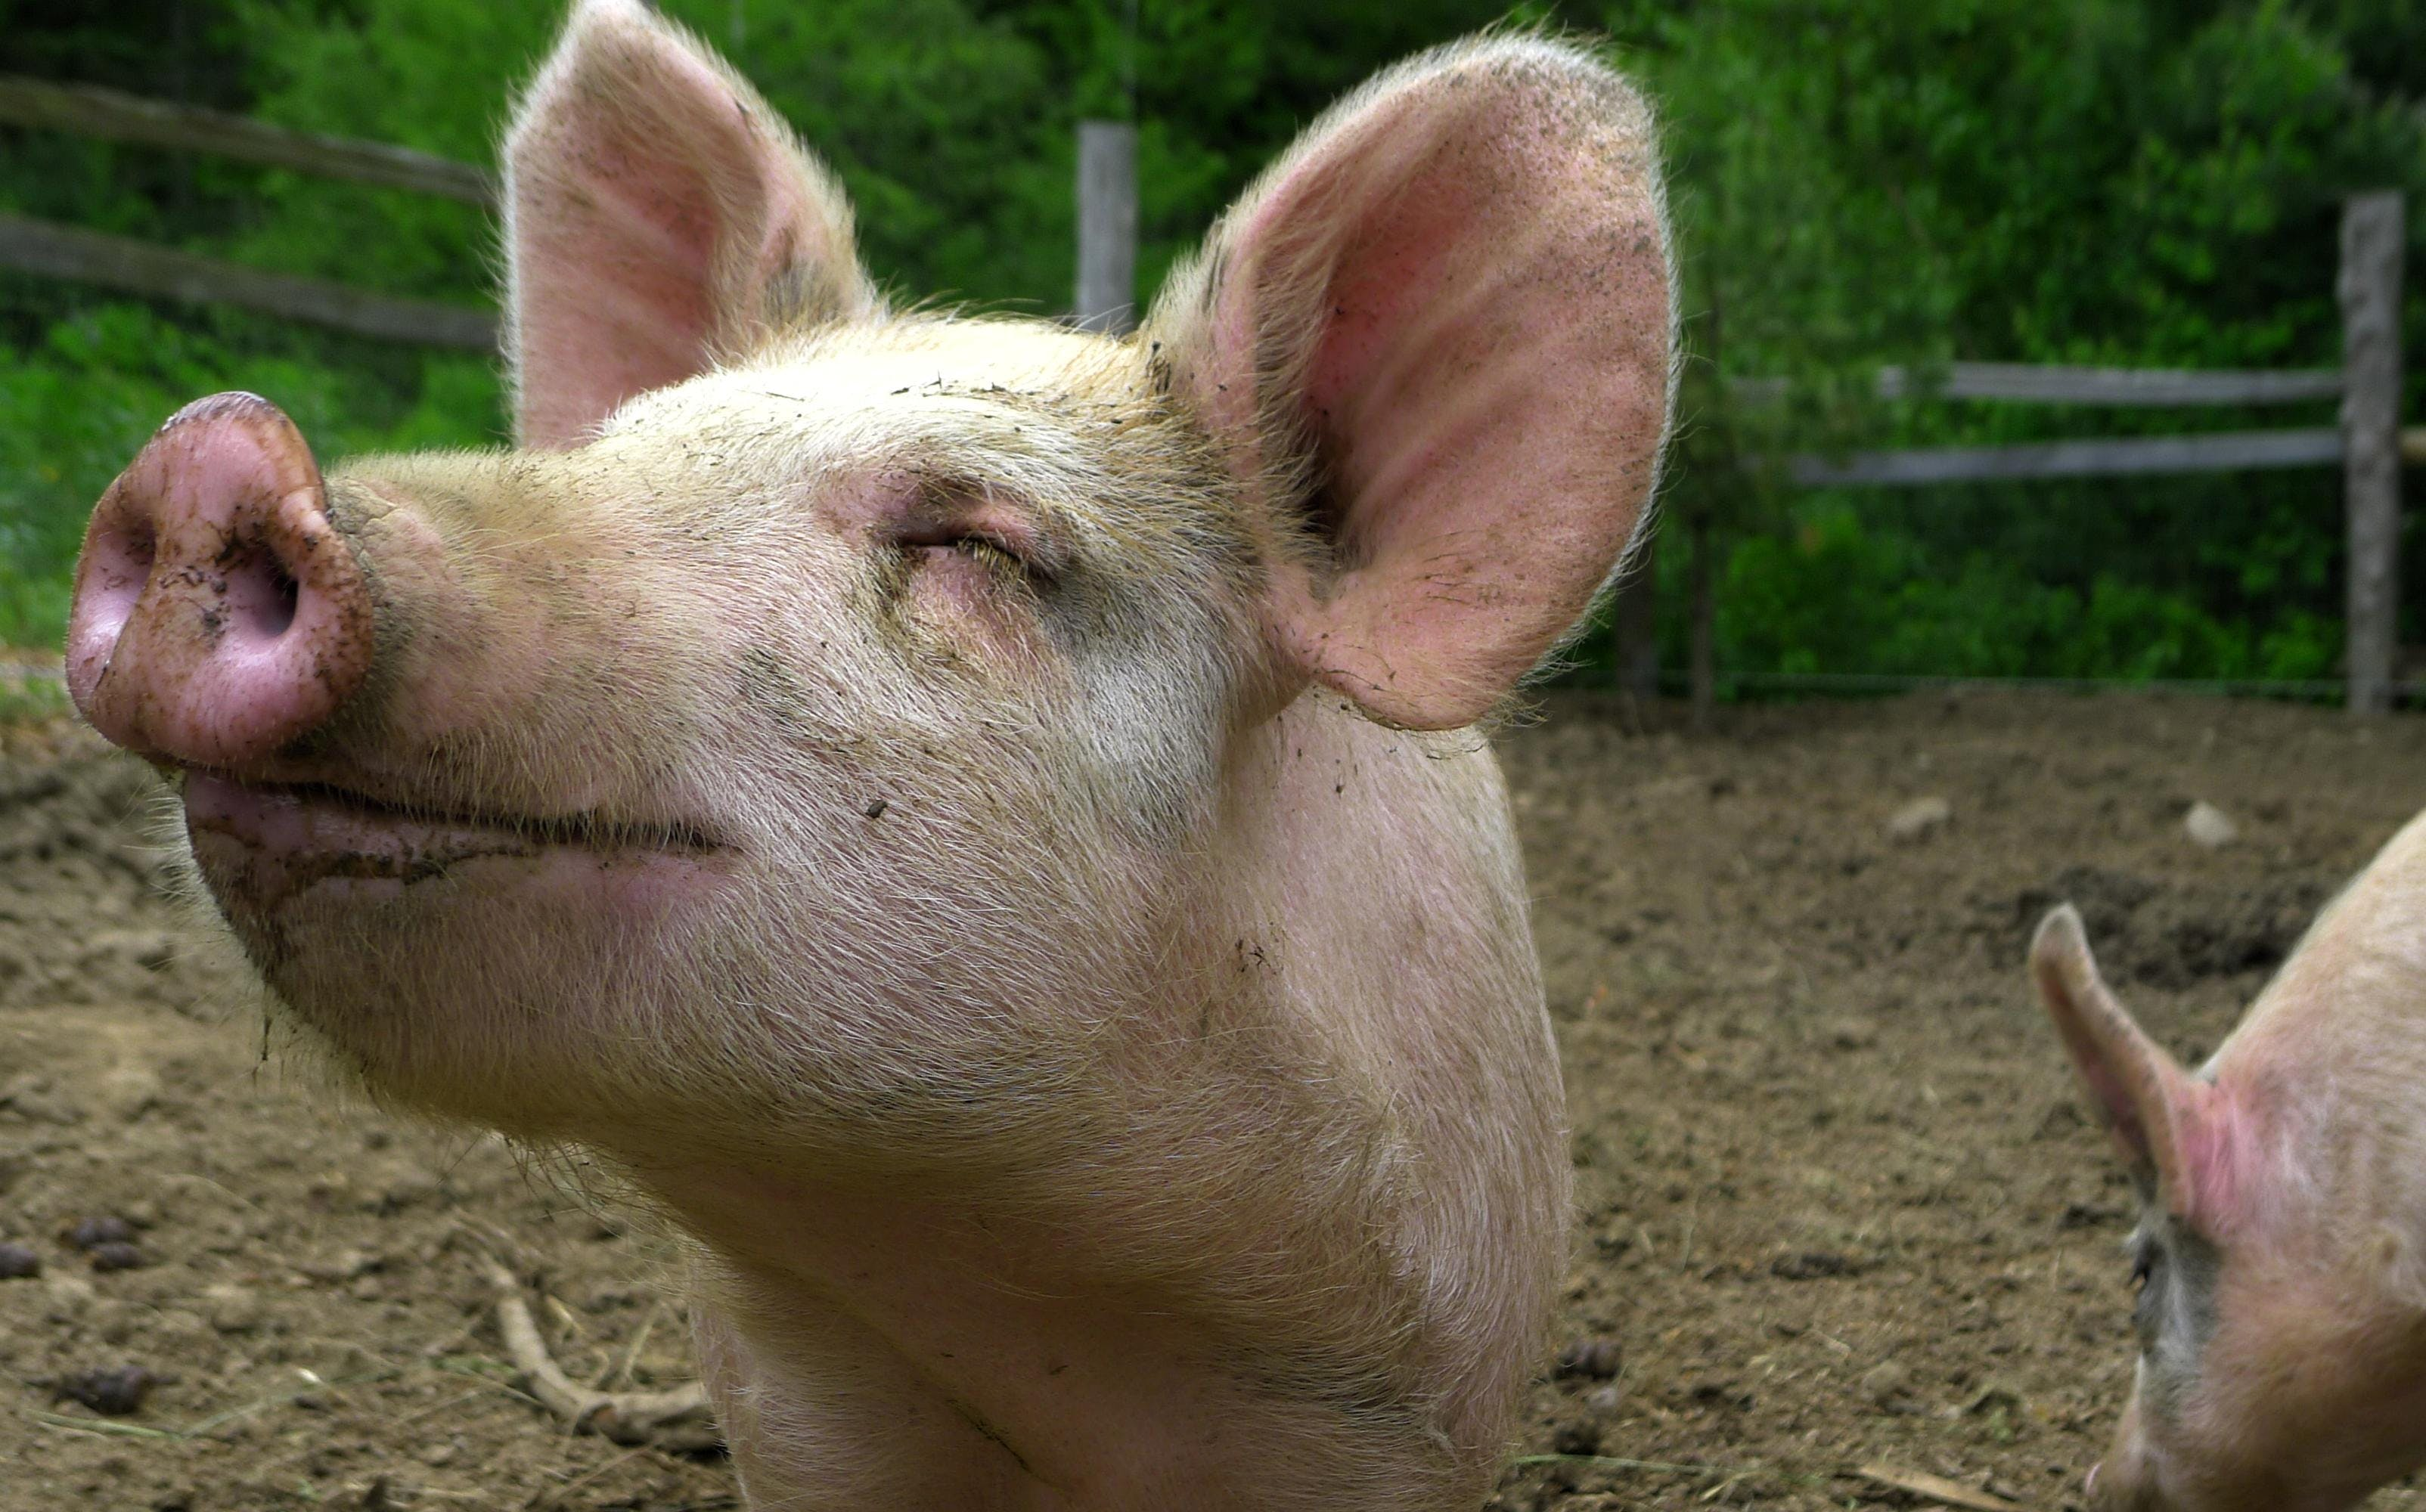 Den nye dyrevelfærdslov betyder at alle dyr bliver anerkendt som sansende væsner. Det kan betyde, at grise nu så vidt muligt får lov til at beholde deres haler og bliver bedøvet ved kasteration. Foto: CCBY Brother M.